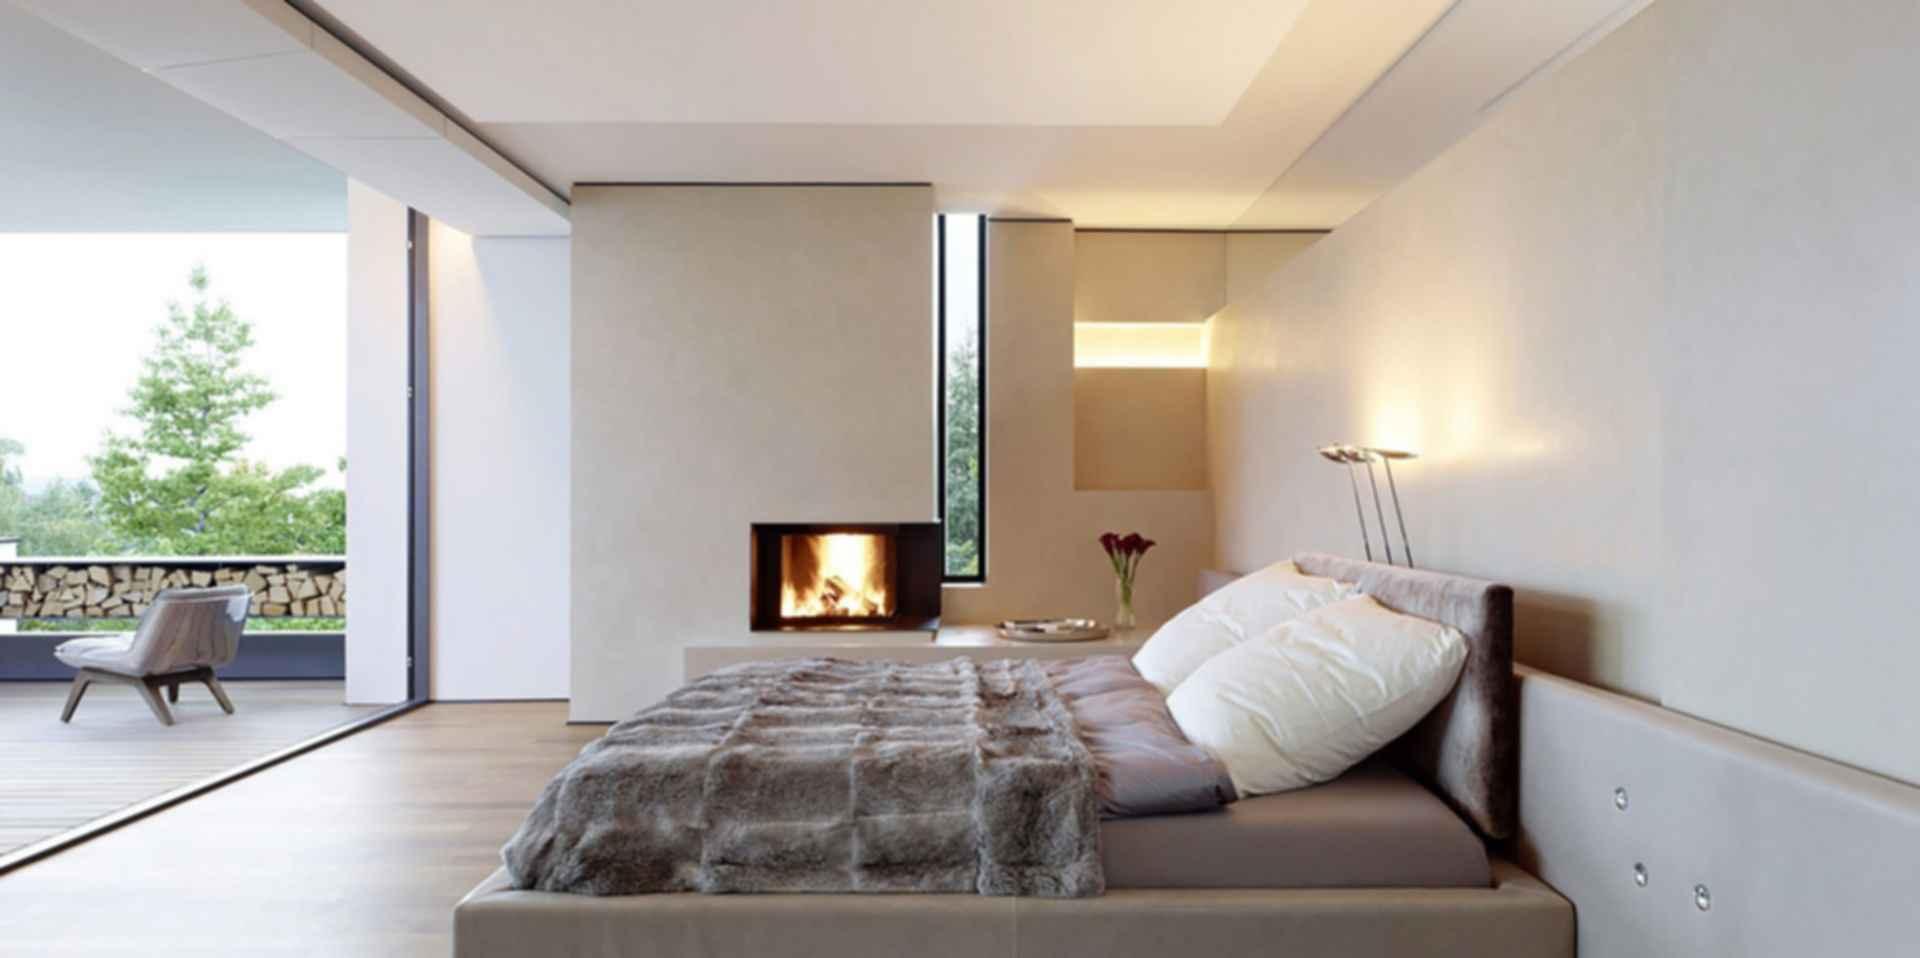 SU House - Bedroom